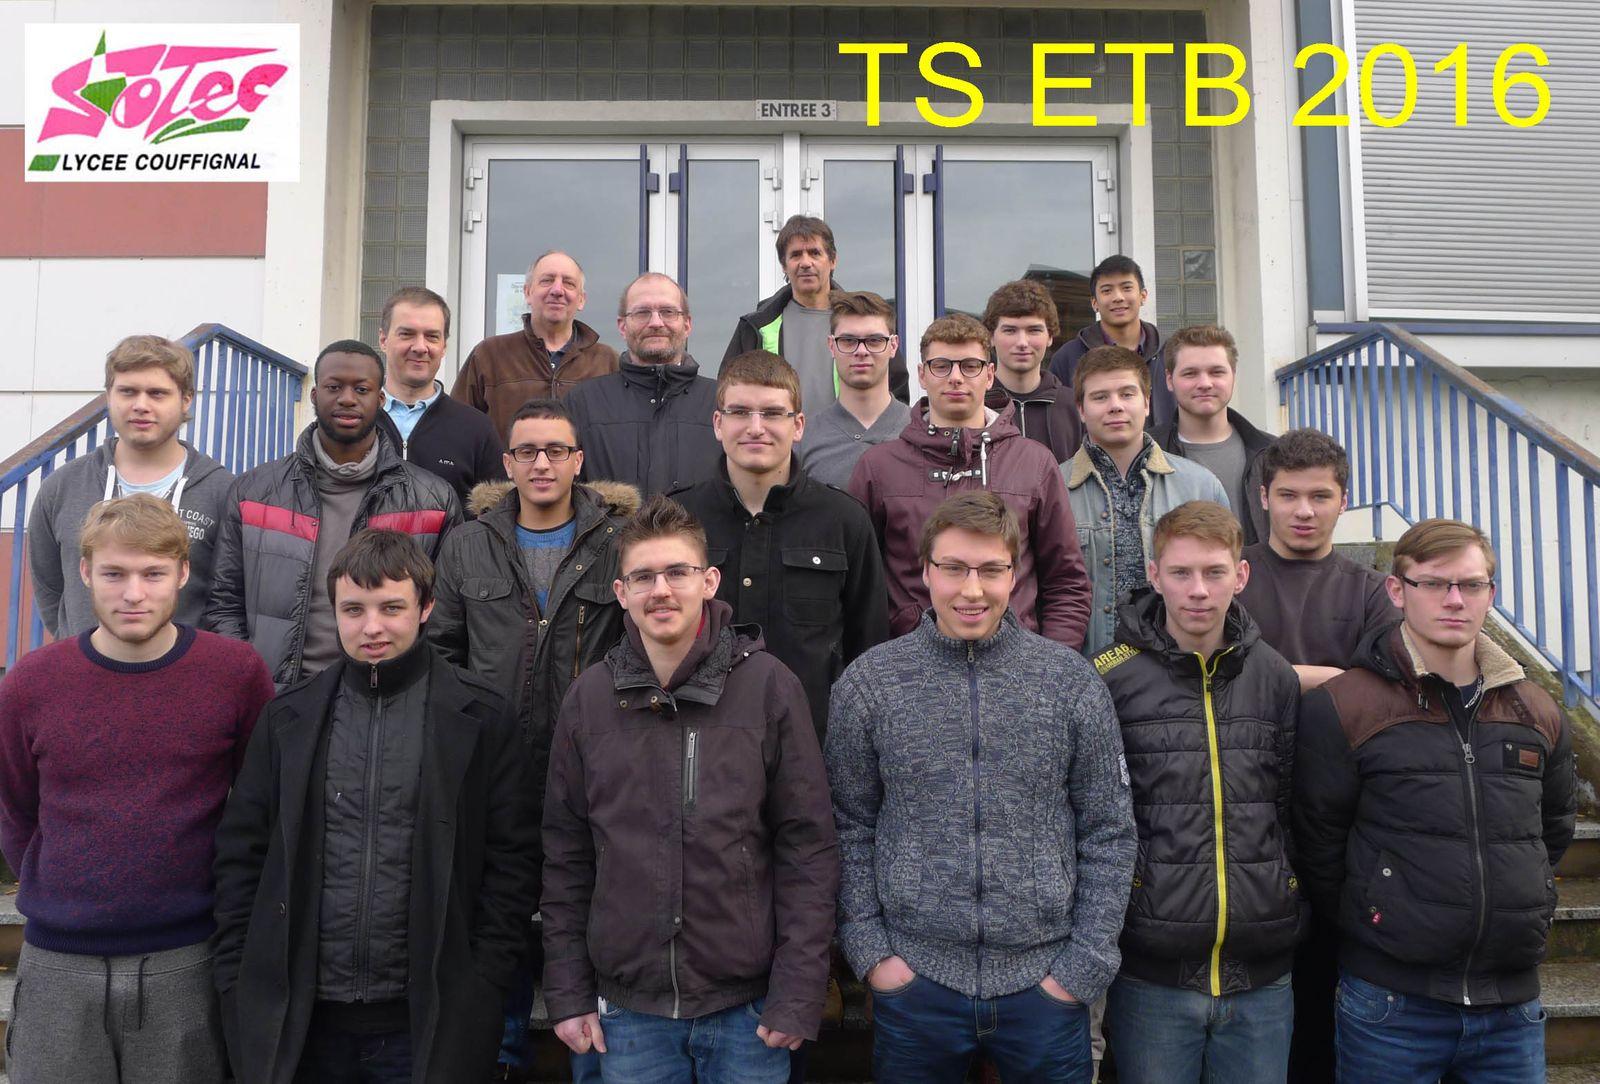 2016_ETB.jpg